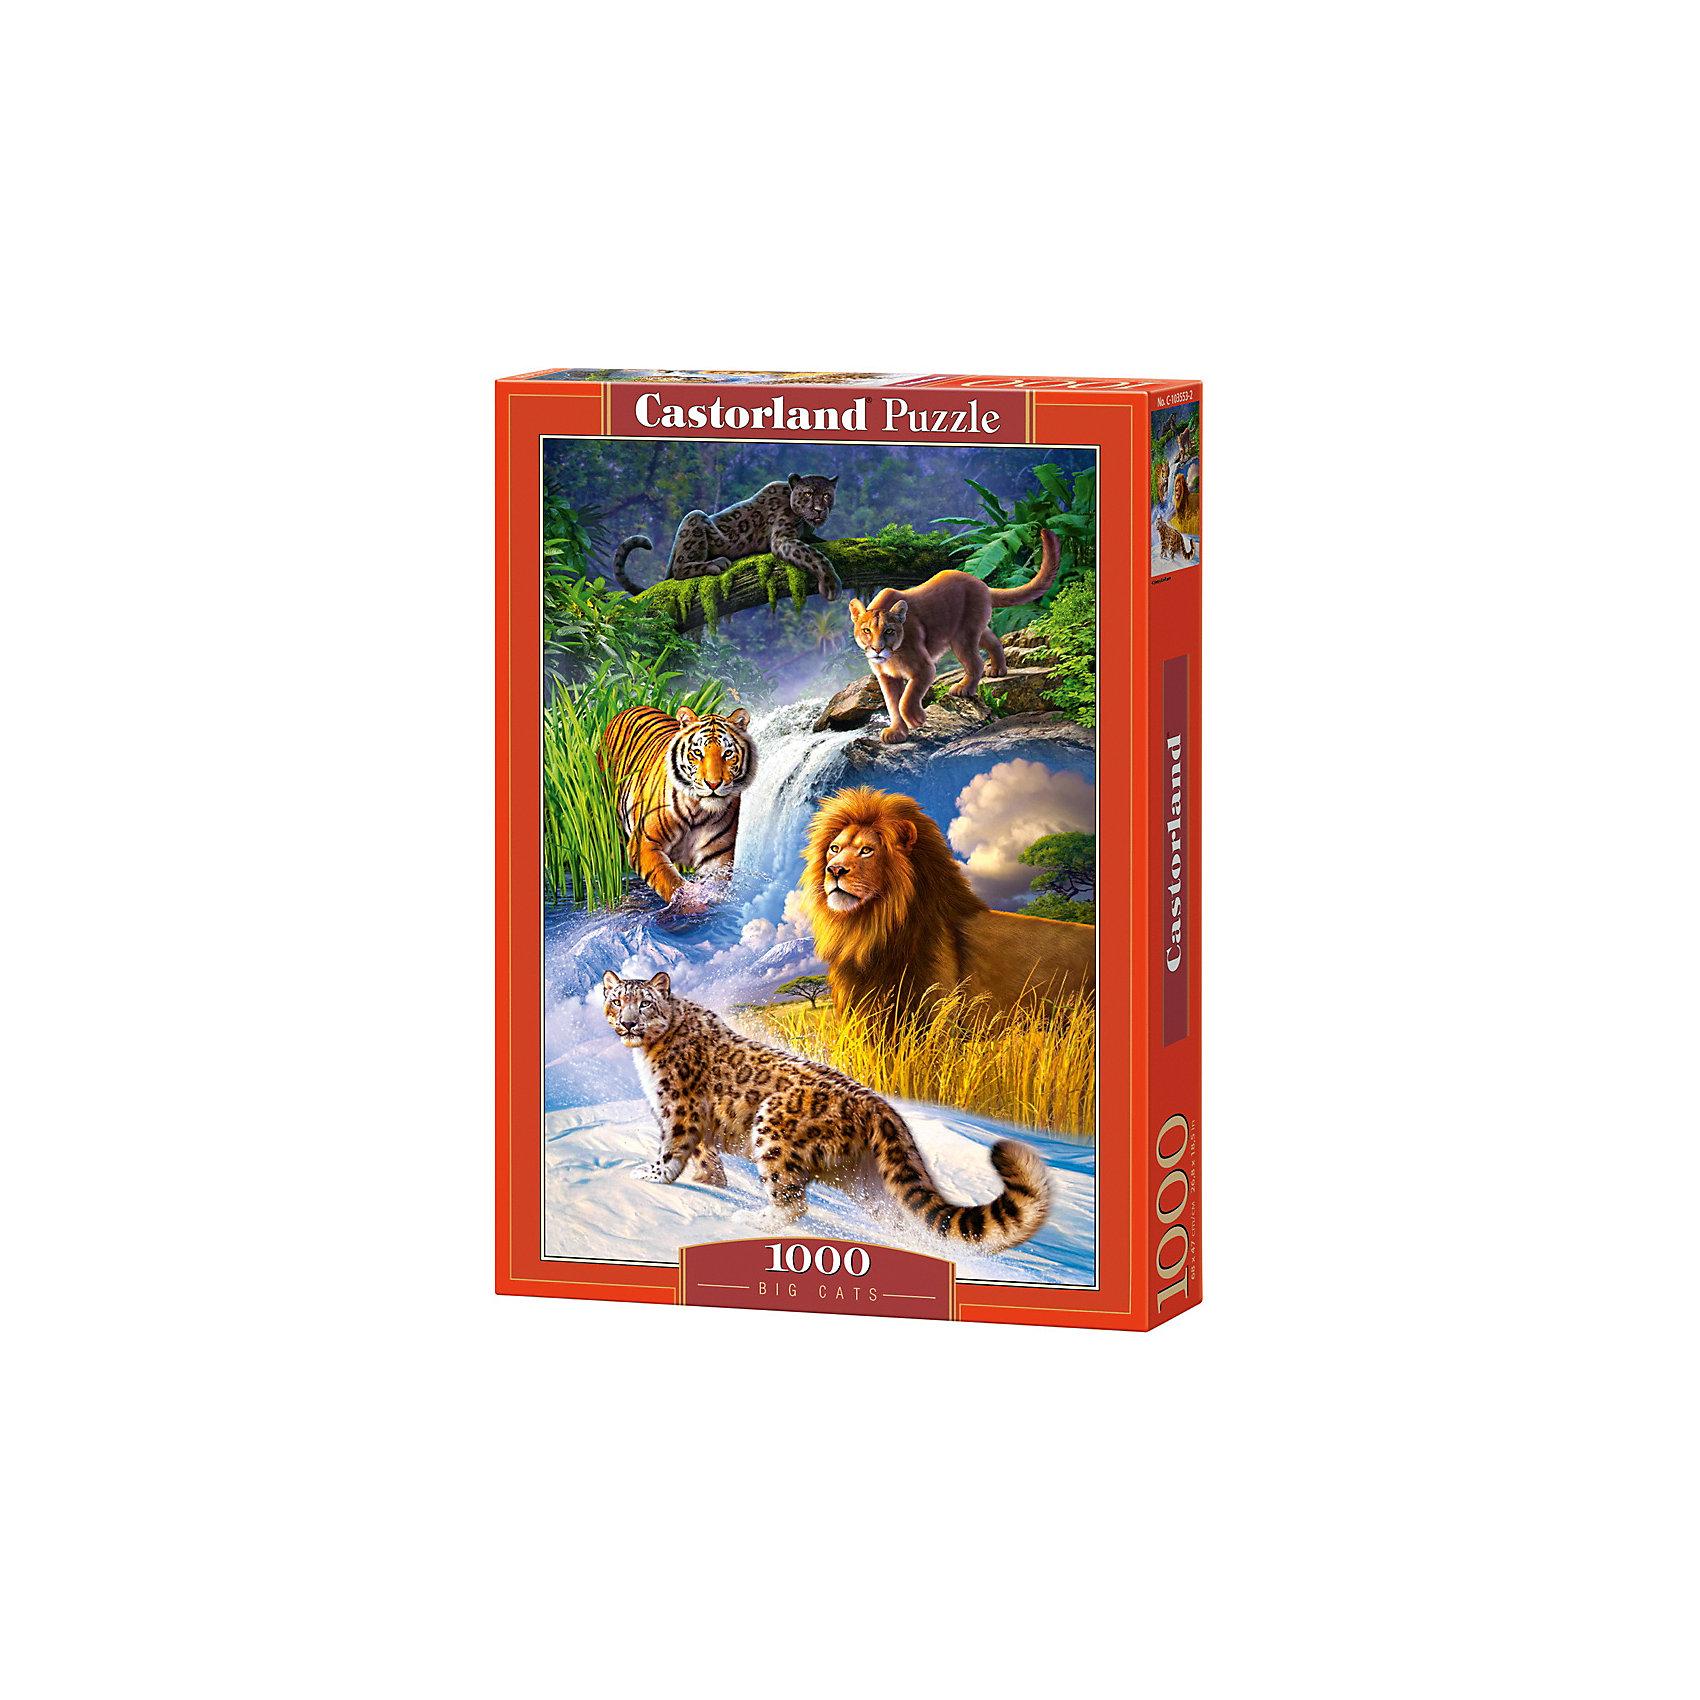 Пазл Castorland Дикие кошки, 1000 деталейПазлы для детей постарше<br>Характеристики:<br><br>• возраст: от 9 лет<br>• количество деталей: 1000 шт.<br>• размер собранного пазла: 47х68 см.<br>• материал: картон<br>• упаковка: картонная коробка<br>• размер упаковки: 25x5x35 см.<br>• вес: 500 гр.<br>• страна обладатель бренда: Польша<br><br>Пазл «Дикие кошки» от Castorland (Касторленд) отличается высоким качеством, высоким уровнем полиграфии, насыщенными цветами и идеальной стыковкой элементов. Пазл «Дикие кошки» состоит из тысячи элементов, собрав которые, можно получить чудесную картину с изображенными в местах своего обитания, великолепными хищниками семейства кошачьих.<br><br>Пазл Дикие кошки, 1000 деталей, Castorland (Касторленд) можно купить в нашем интернет-магазине.<br><br>Ширина мм: 350<br>Глубина мм: 250<br>Высота мм: 50<br>Вес г: 500<br>Возраст от месяцев: 108<br>Возраст до месяцев: 2147483647<br>Пол: Унисекс<br>Возраст: Детский<br>SKU: 6725070